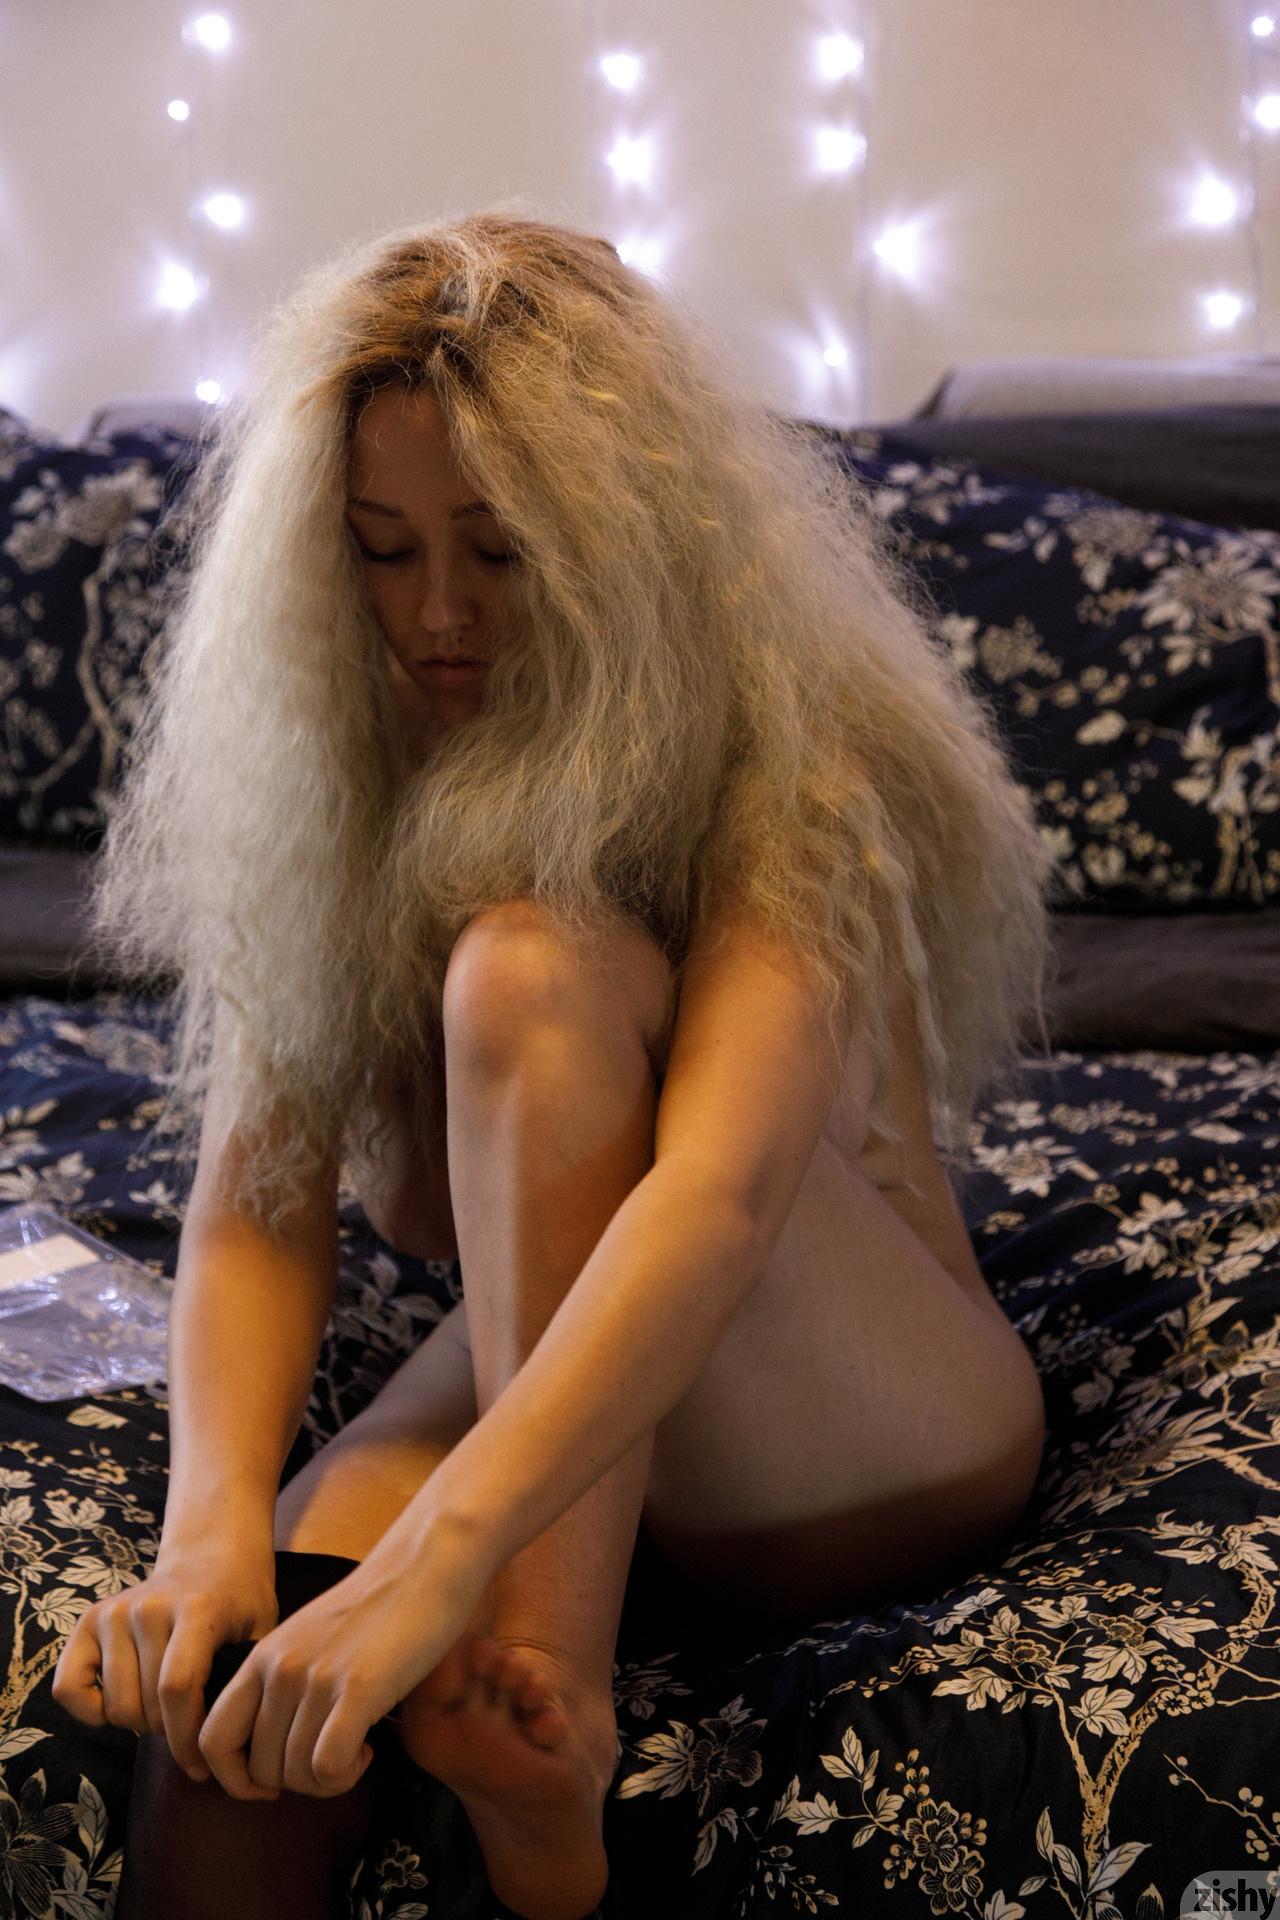 Sabrina Nichole Wigging Out Zishy (16)